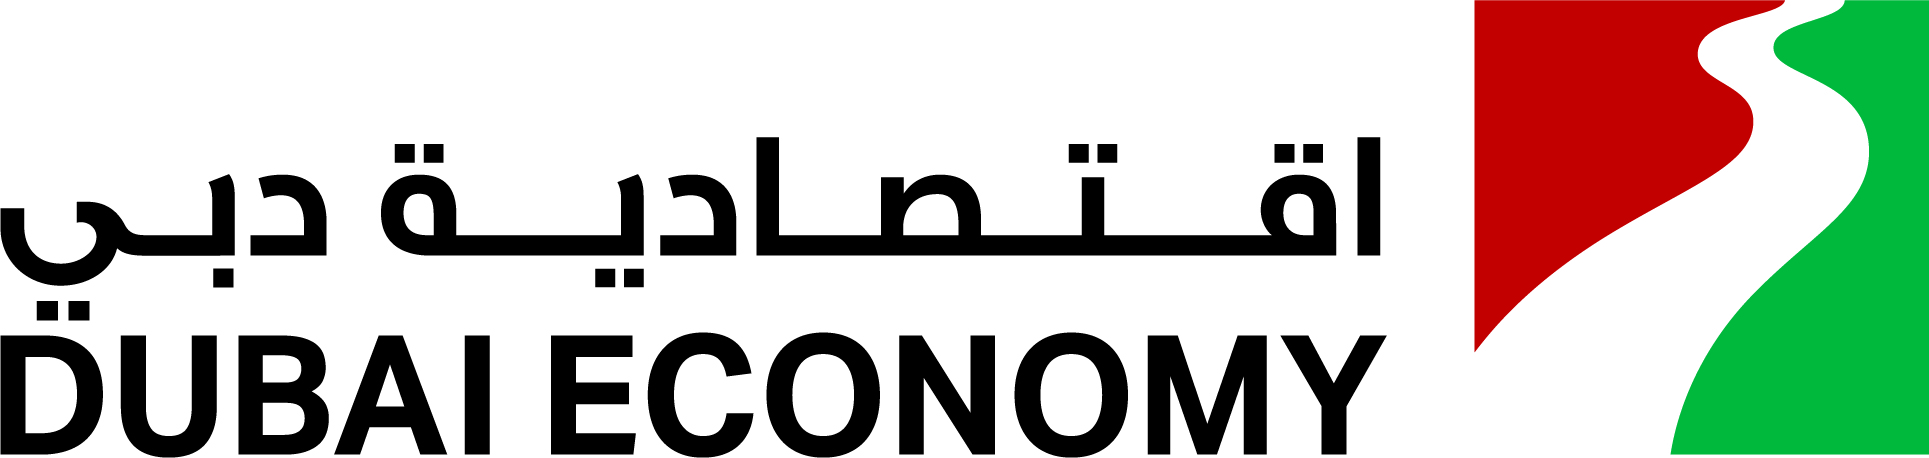 اقتصادية دبي تغلق 21 محلاً وتنبه 65 منشأة تجارية لم تلتزم بتدابير إعادة فتح الأسواق الاحترازية